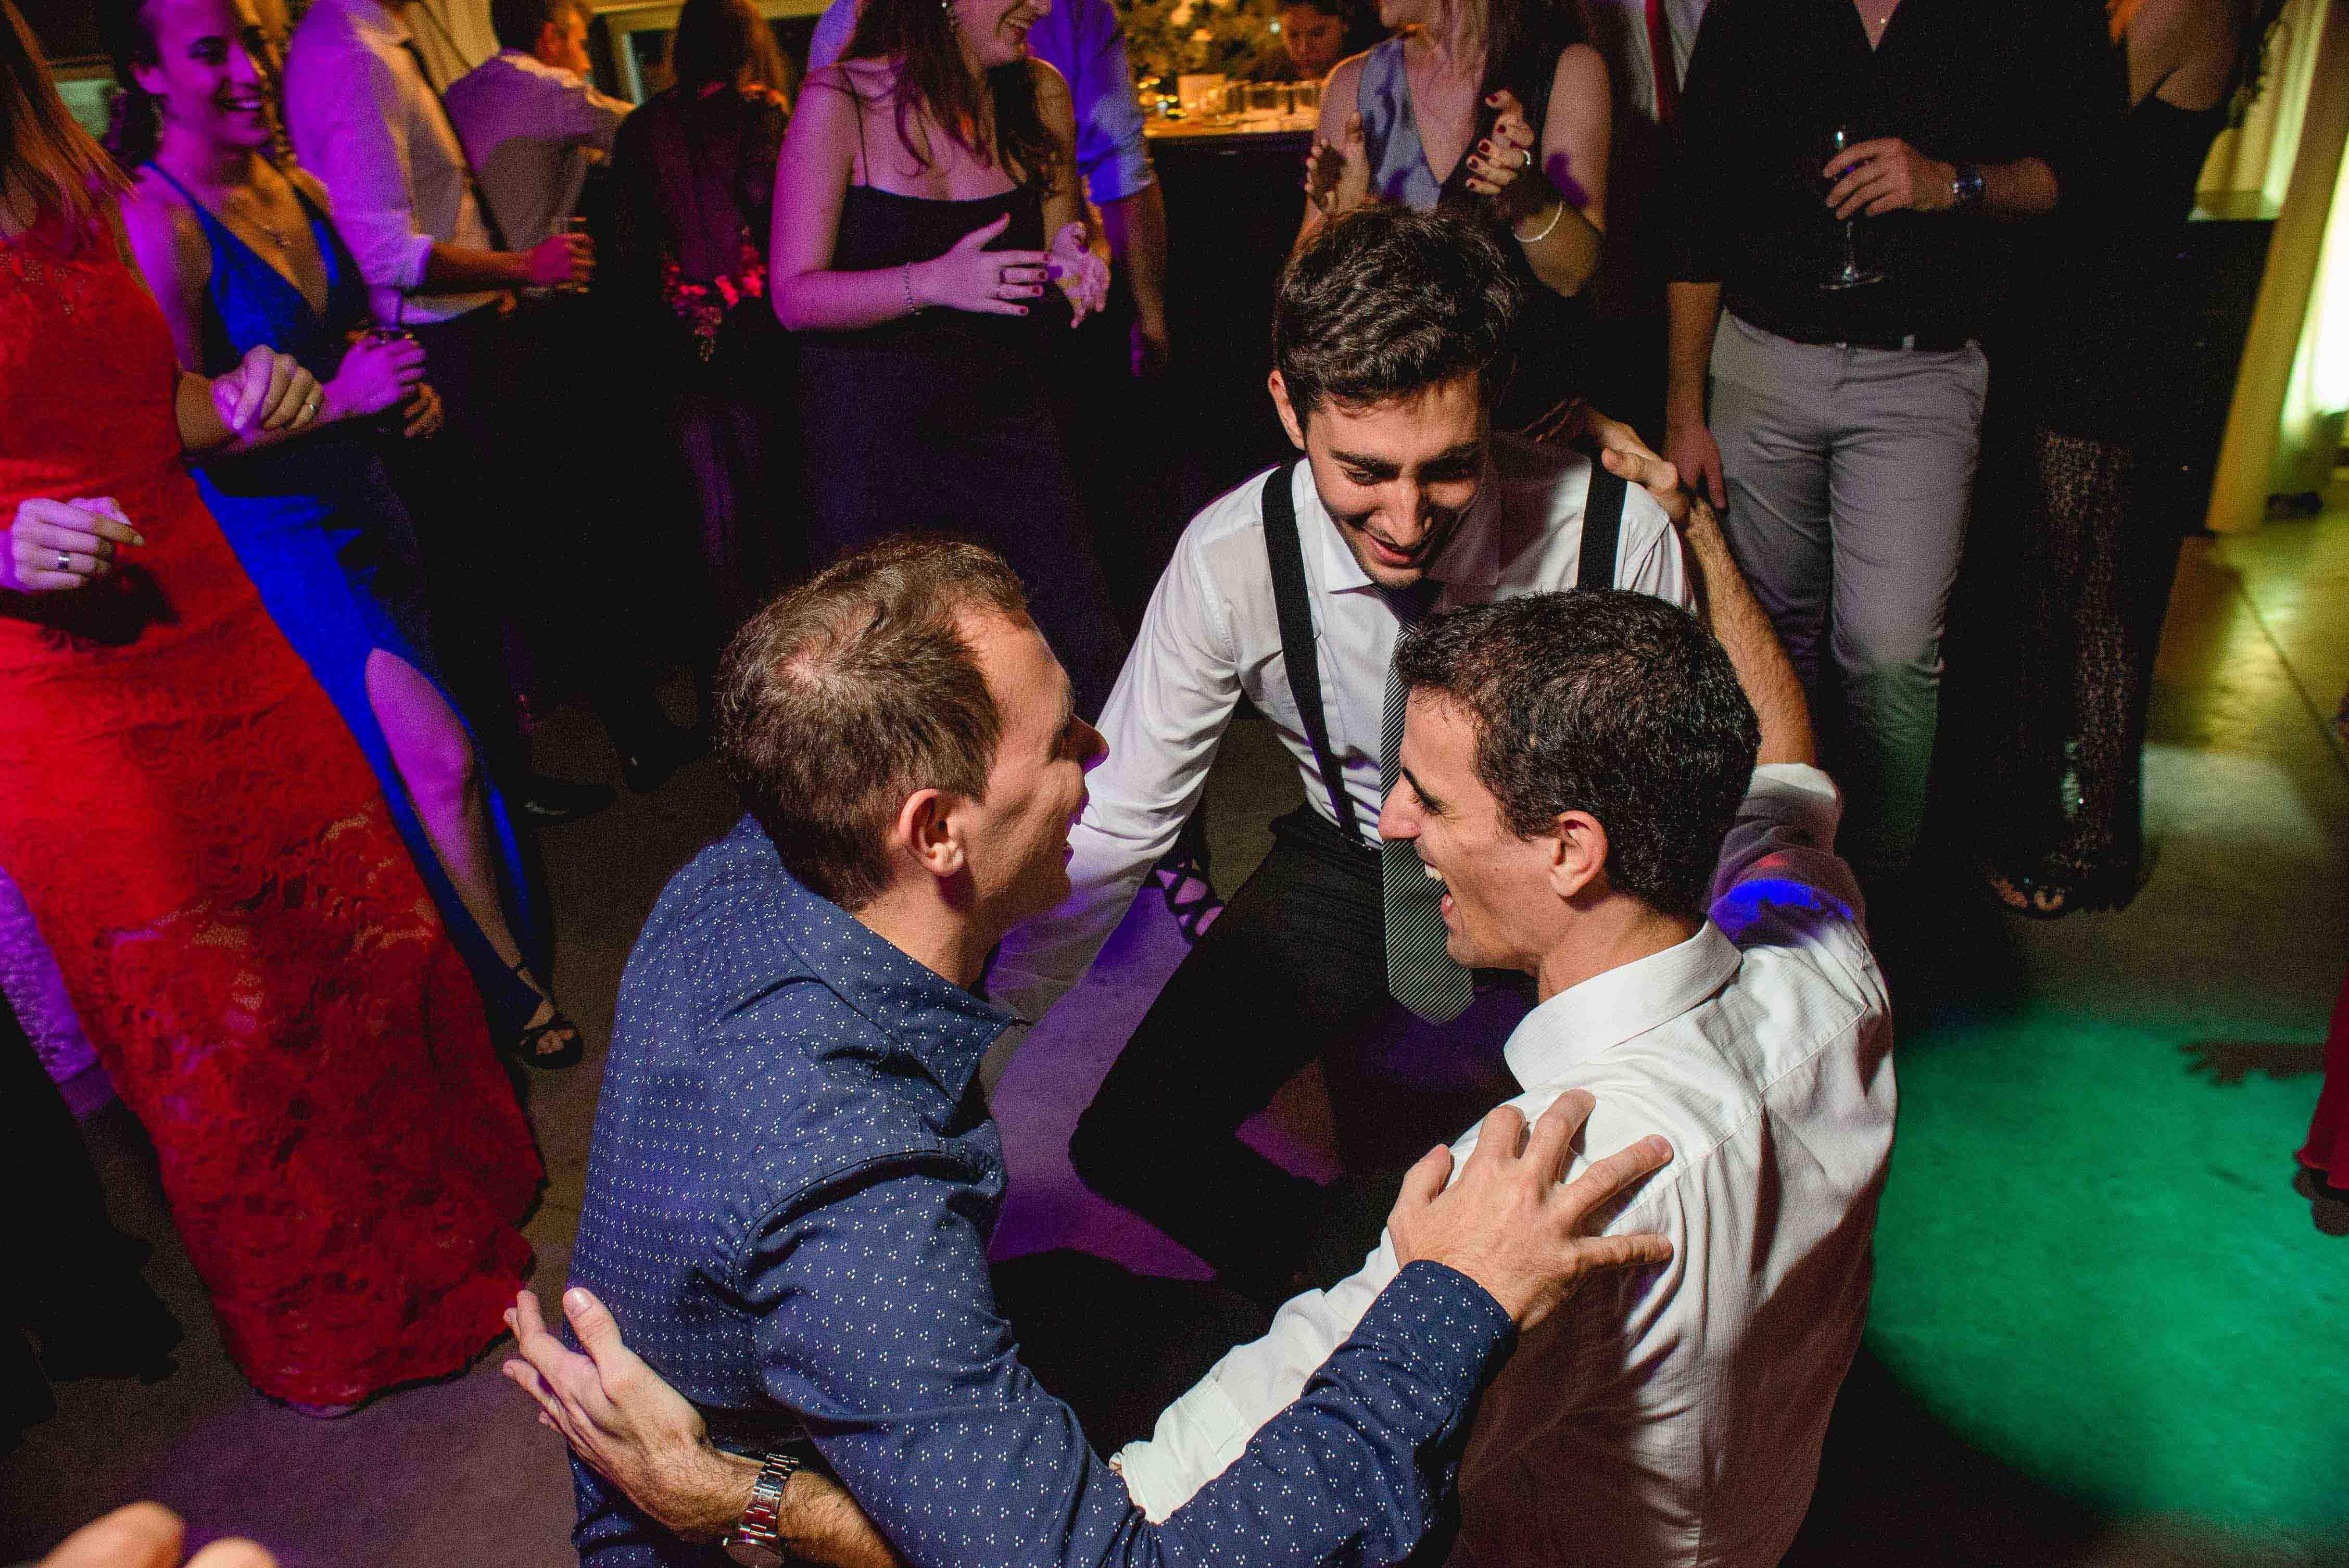 Fotos de la boda de Mili y Lechi en Rosario Realizadas por Bucle Fotografias Flor Bosio y Caro Clerici